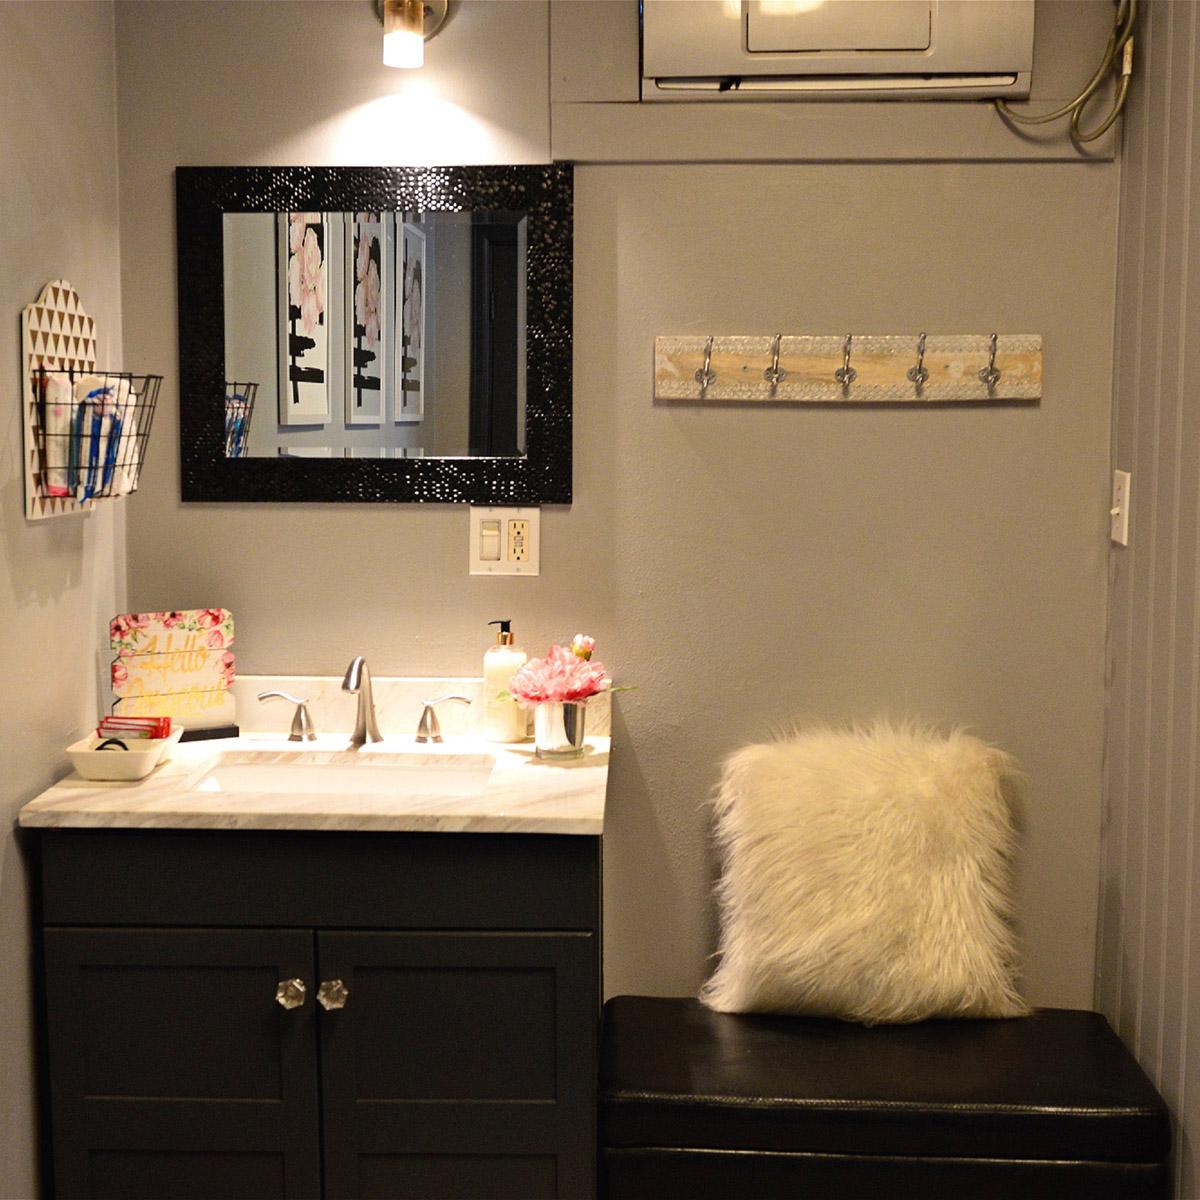 Sink - Bliss Body Waxing Studio